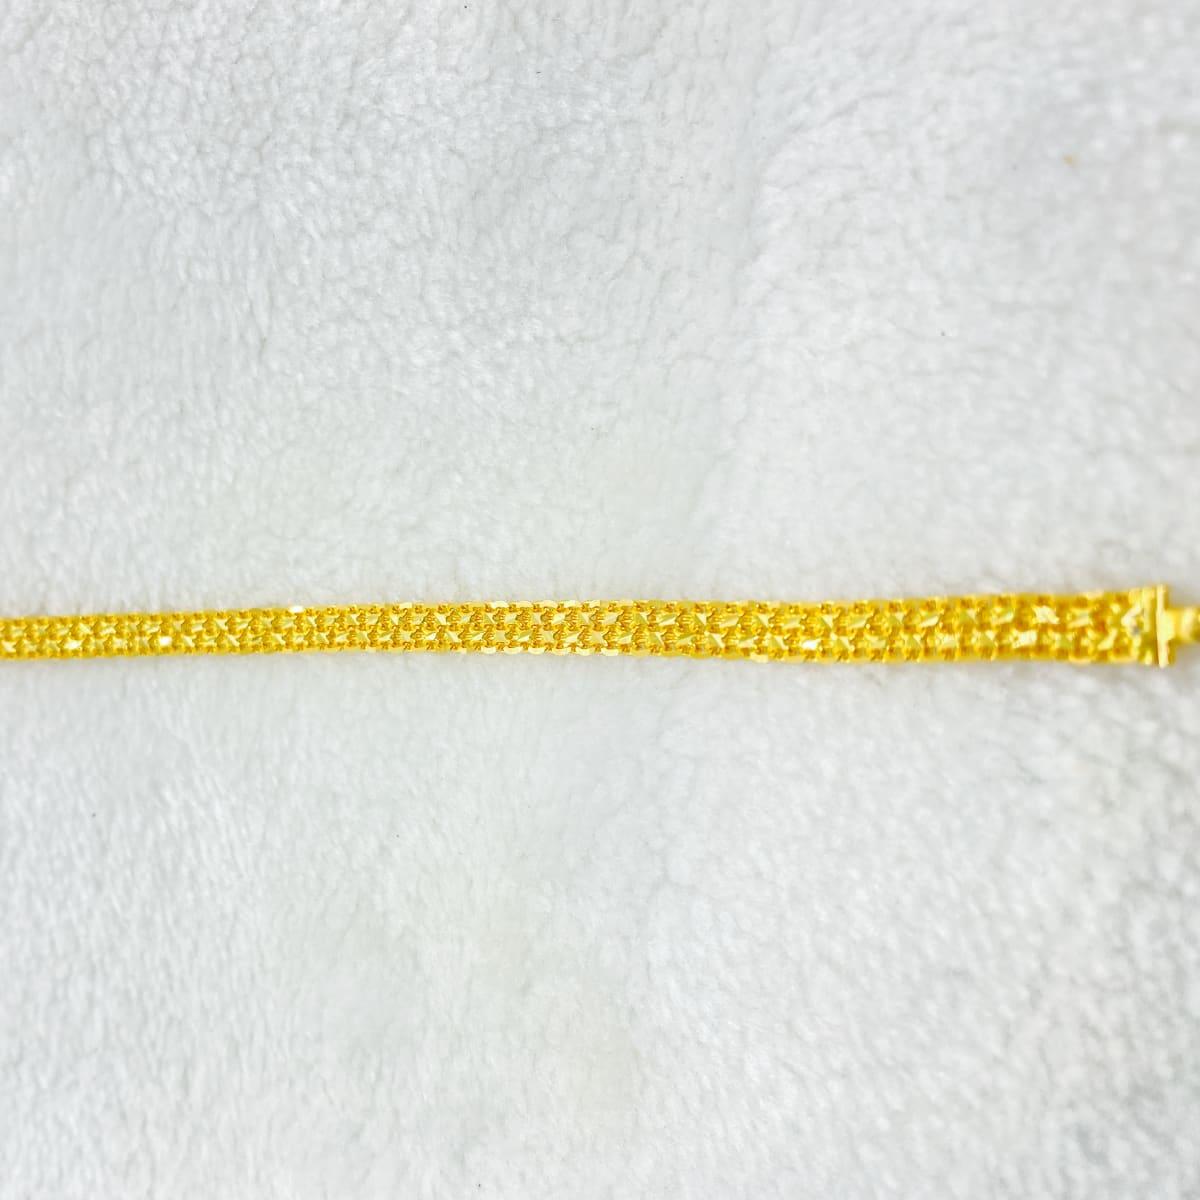 Fancy Delhi Chain Gents Bracelet Gj0106